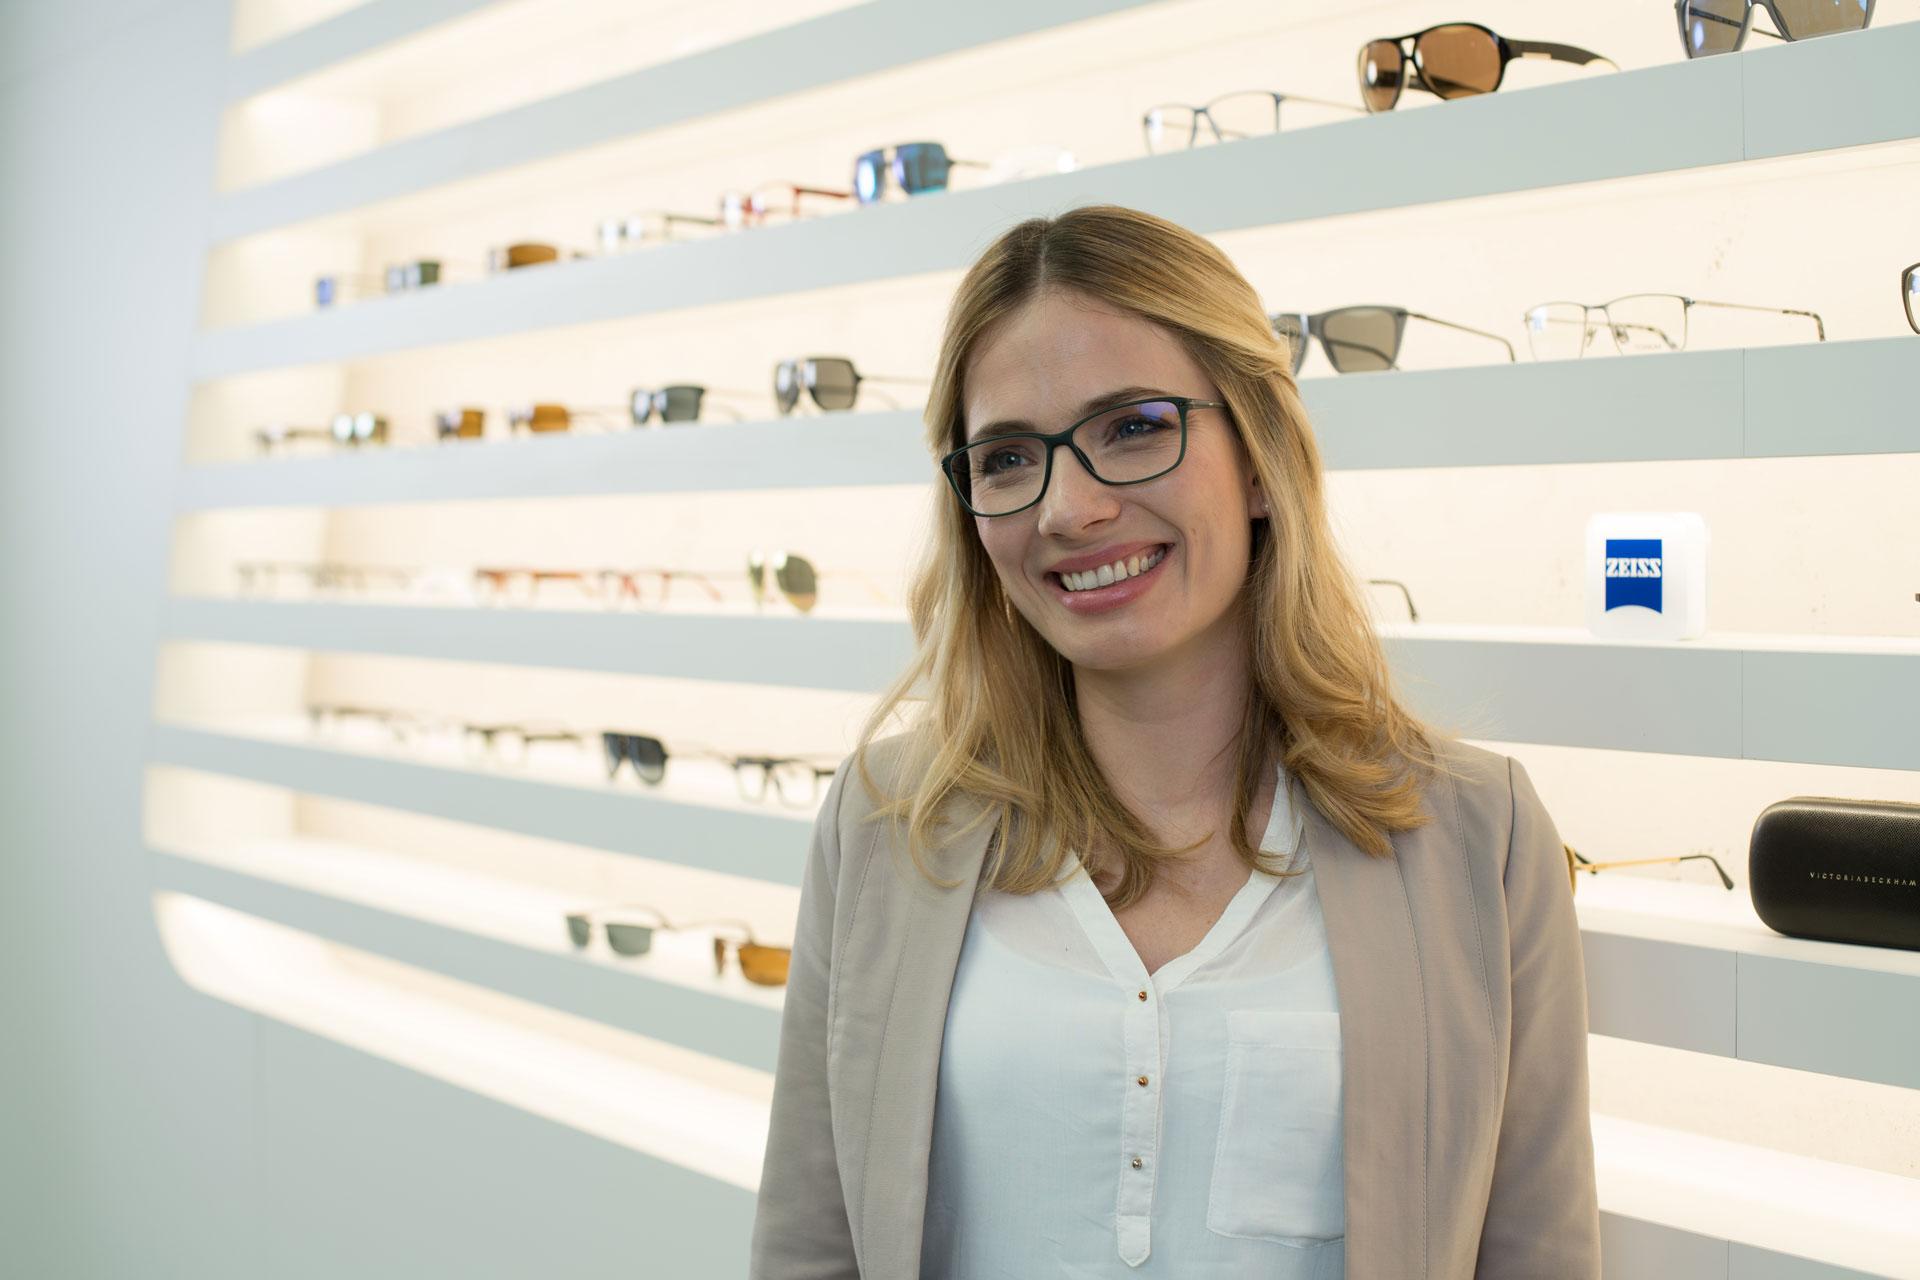 b0f8e19bc219 Tips for brillekjøpet  Slik finner du riktige briller